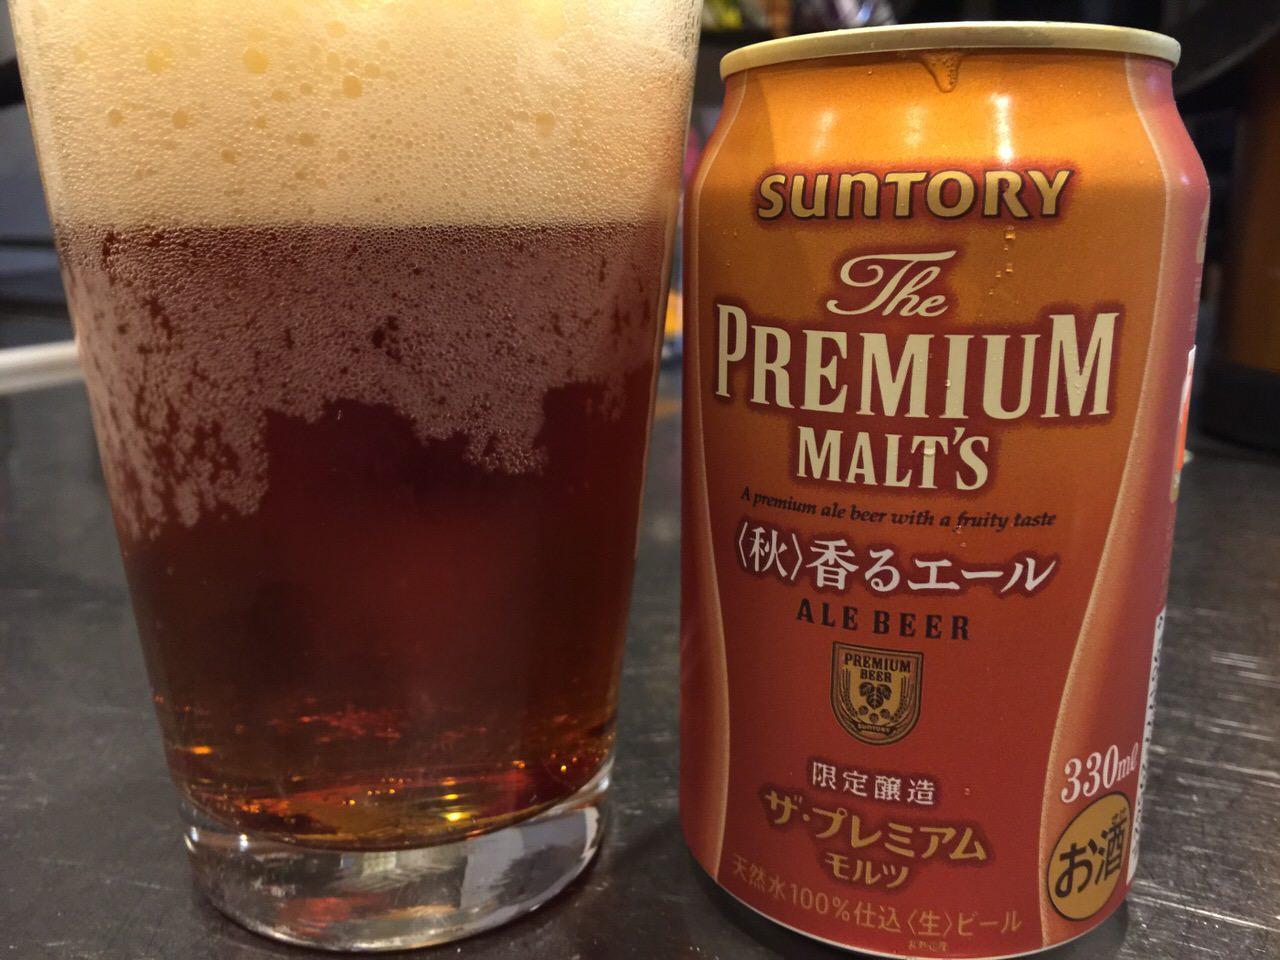 Premium malts ale 8575